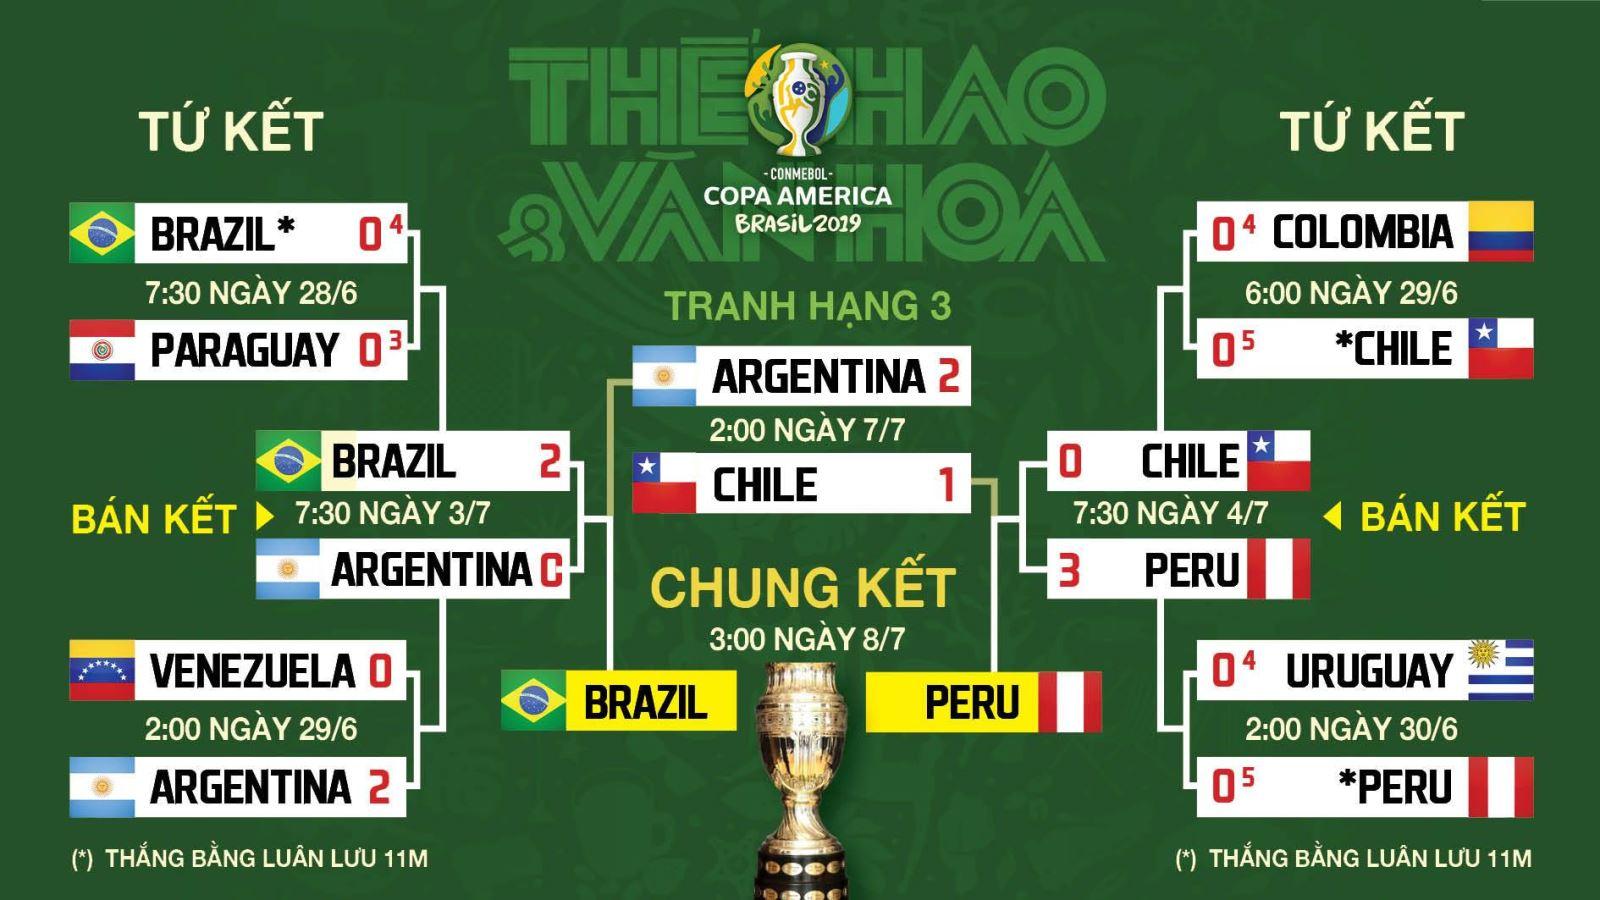 truc tiep bong da, Brazil vs Peru, truc tiep bong da hôm nay, Brazil đấu với Peru, trực tiếp bóng đá, chung kết Copa America 2019, FPT Play, xem bóng đá trực tuyến